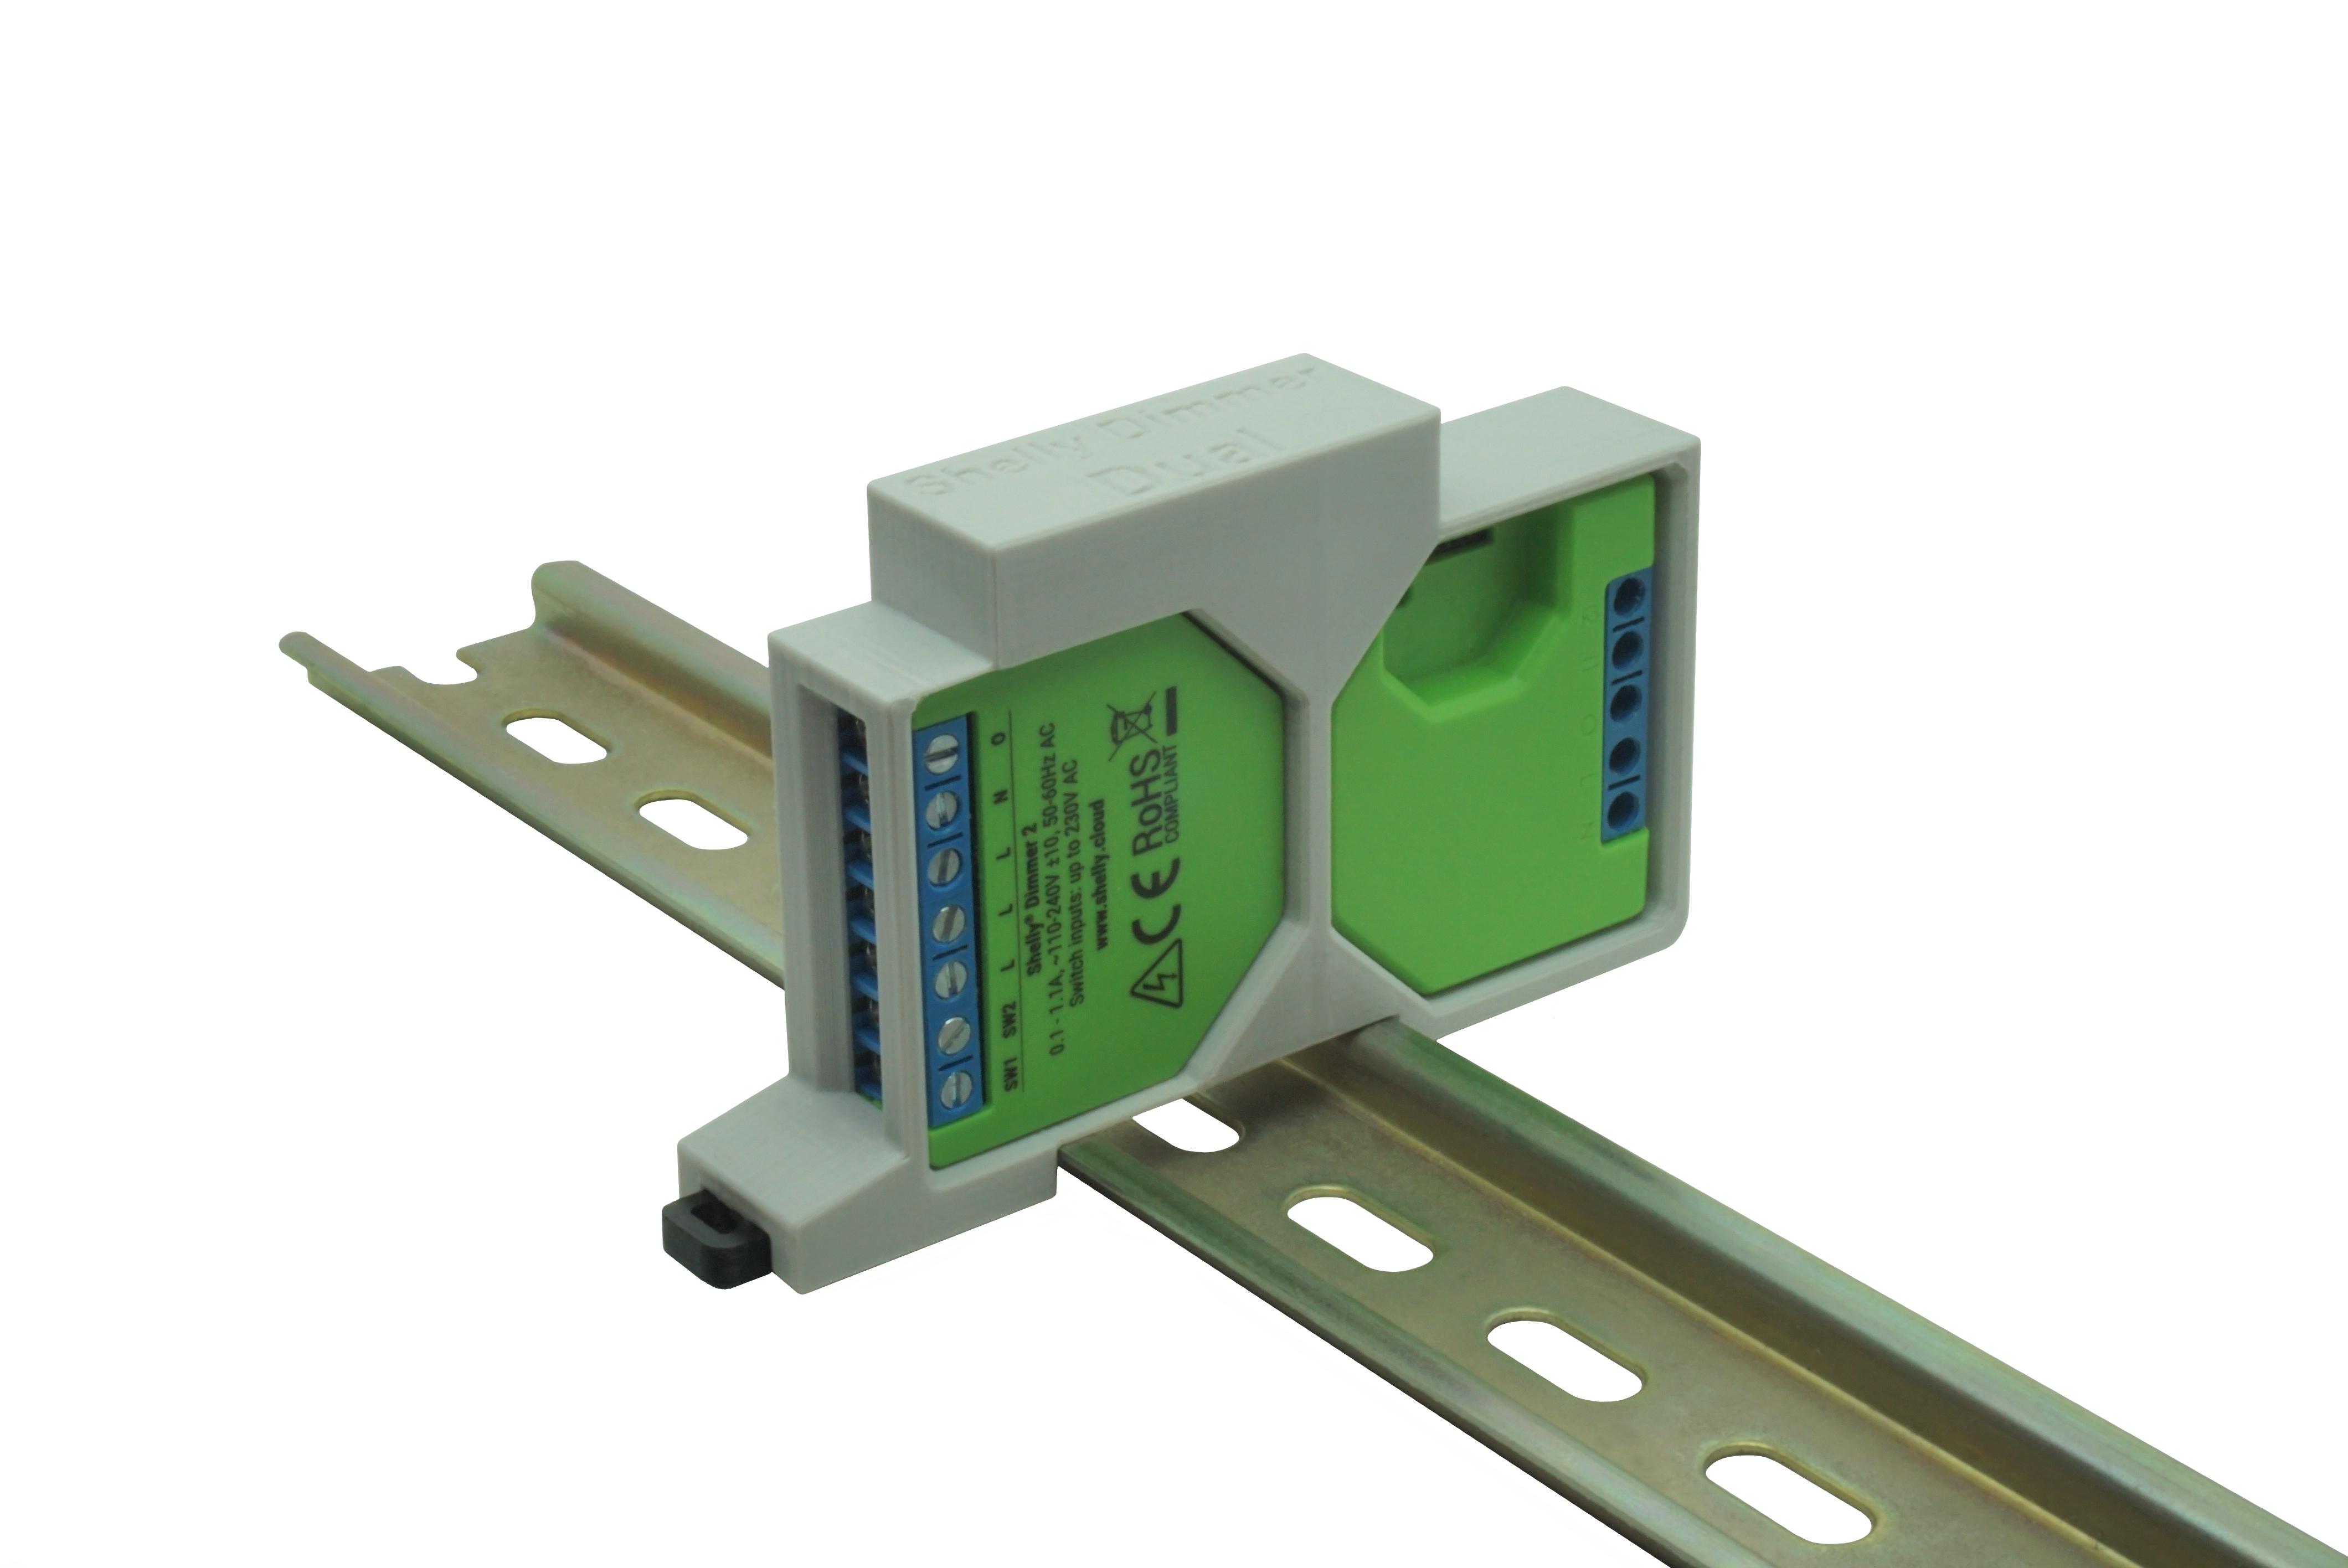 Hutschienenhalter / Adapter Dual für Shelly Dimmer / Dimmer 2, für DIN Schiene 35mm, Farbe: Grau